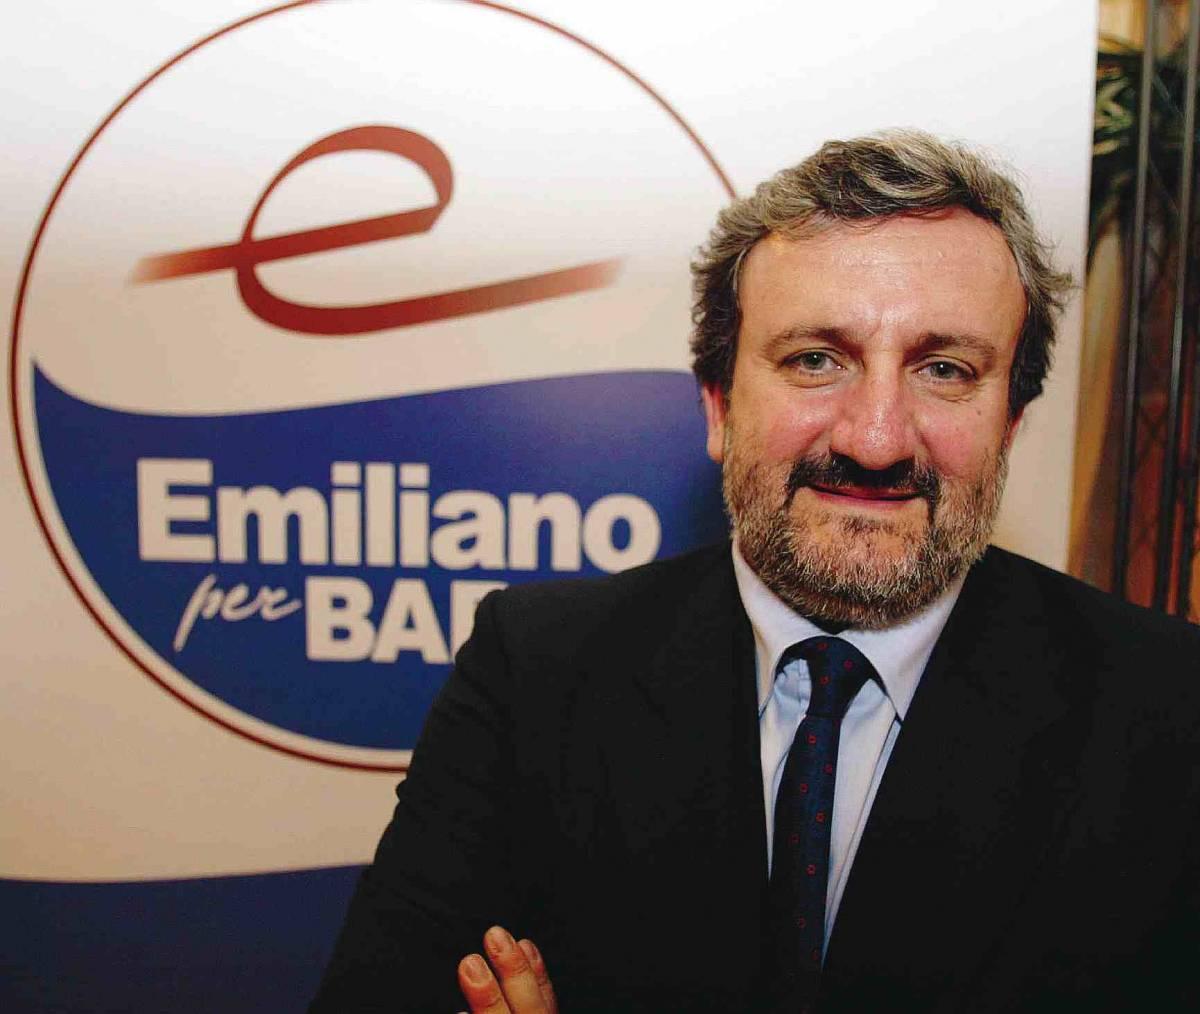 """Emiliano: """"C'è del marcio attorno a D'Alema"""""""